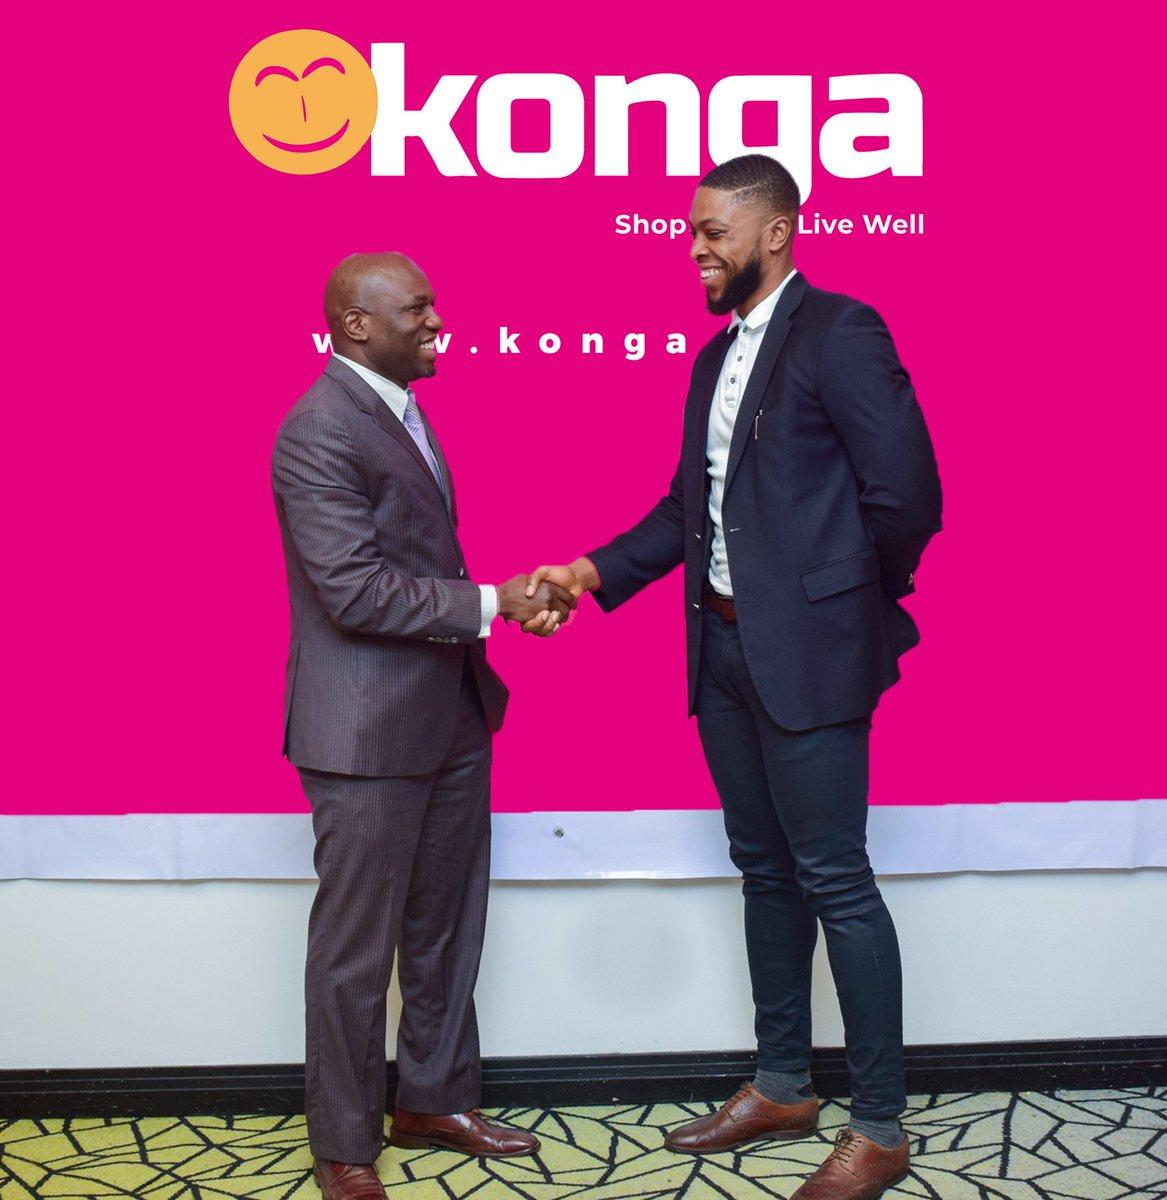 Konga and Yudala Merger Together 00